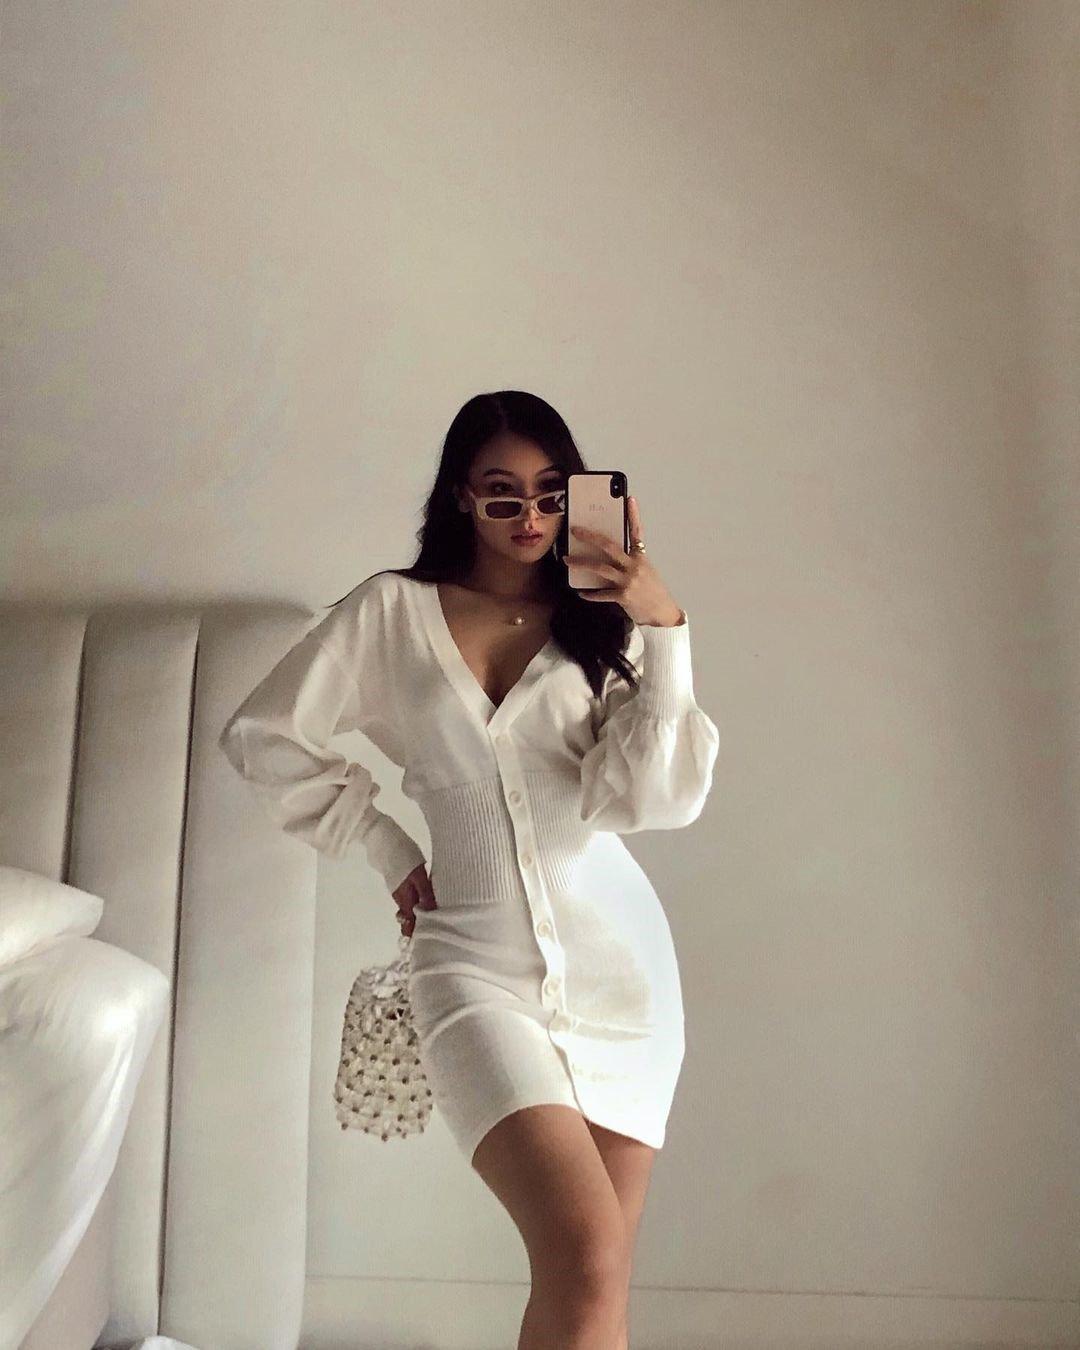 Tiên Nguyễn mặc đẹp đã đành, chị em họ của cô cũng có gout thời trang sang chảnh không kém - 12